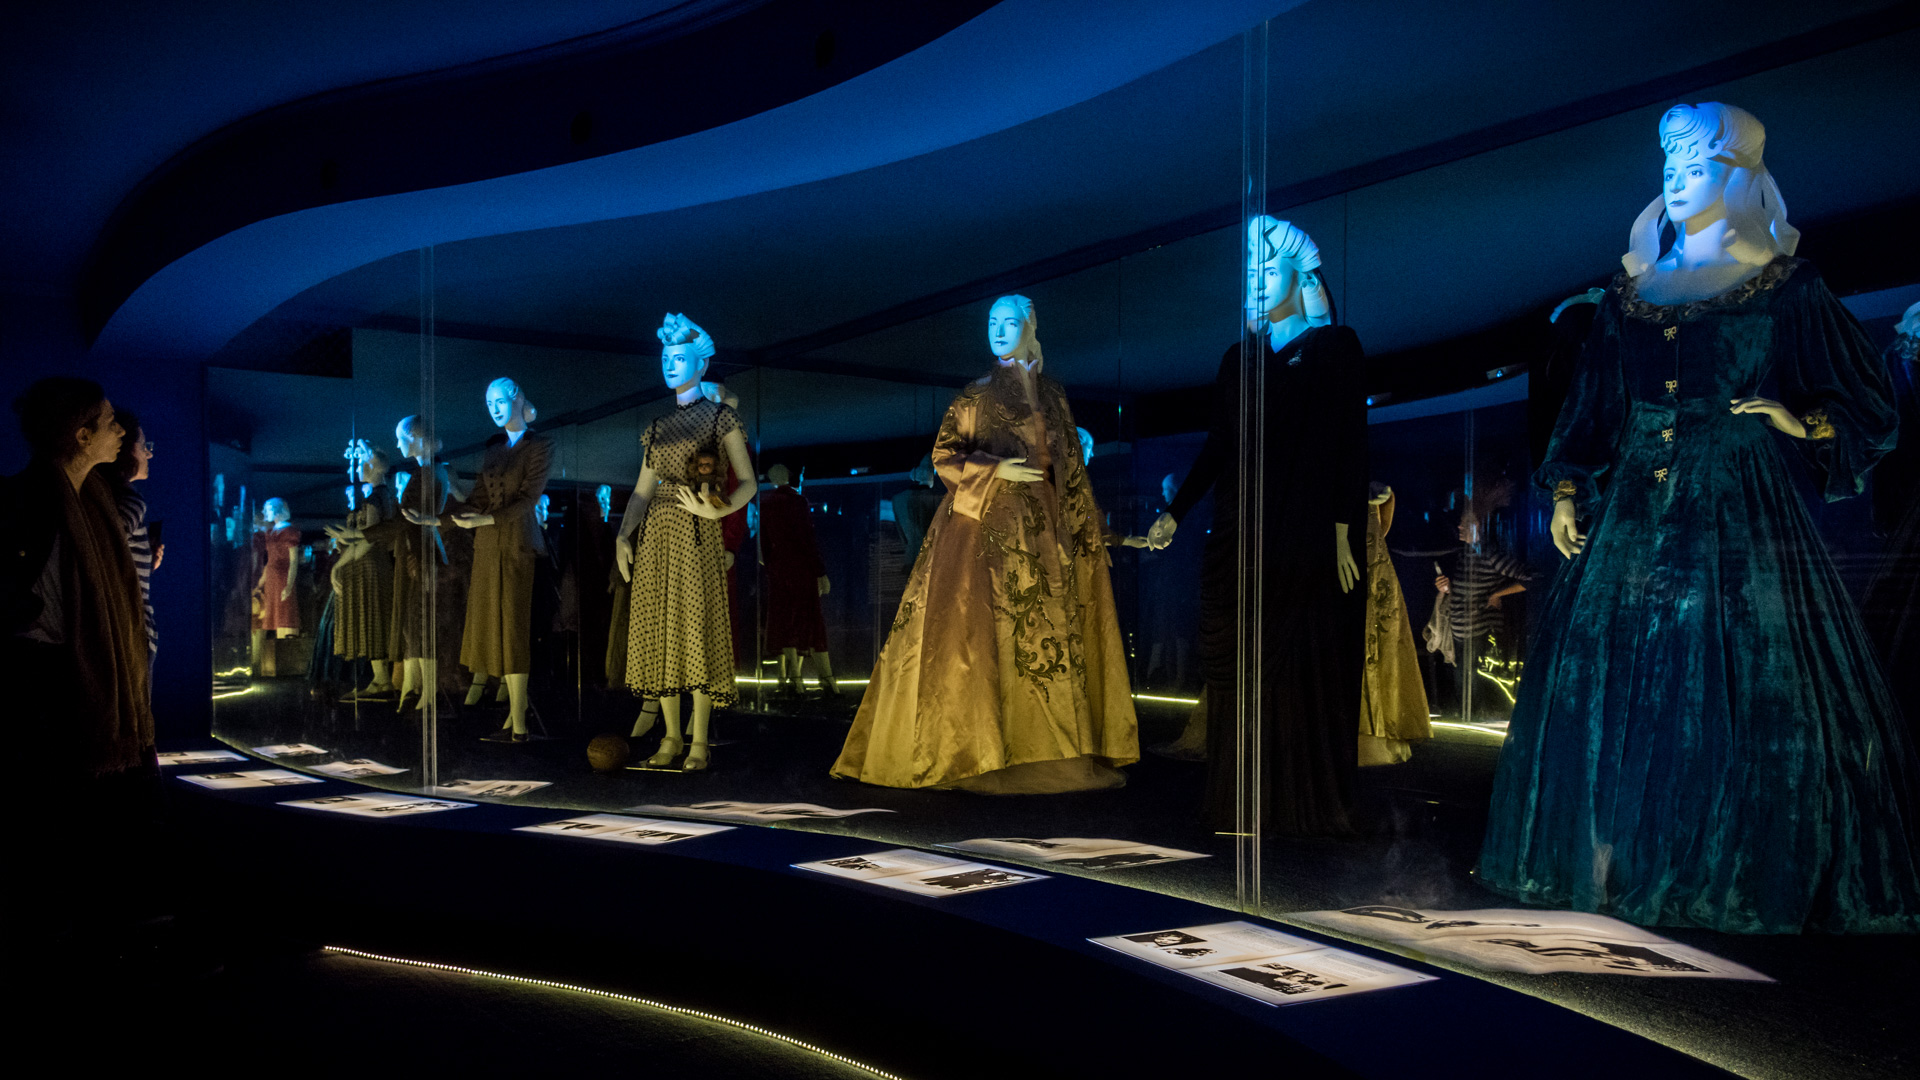 d8da72e77 El Museo Evita cumple 15 años y renovó parte de las salas correspondientes  a la exhibición